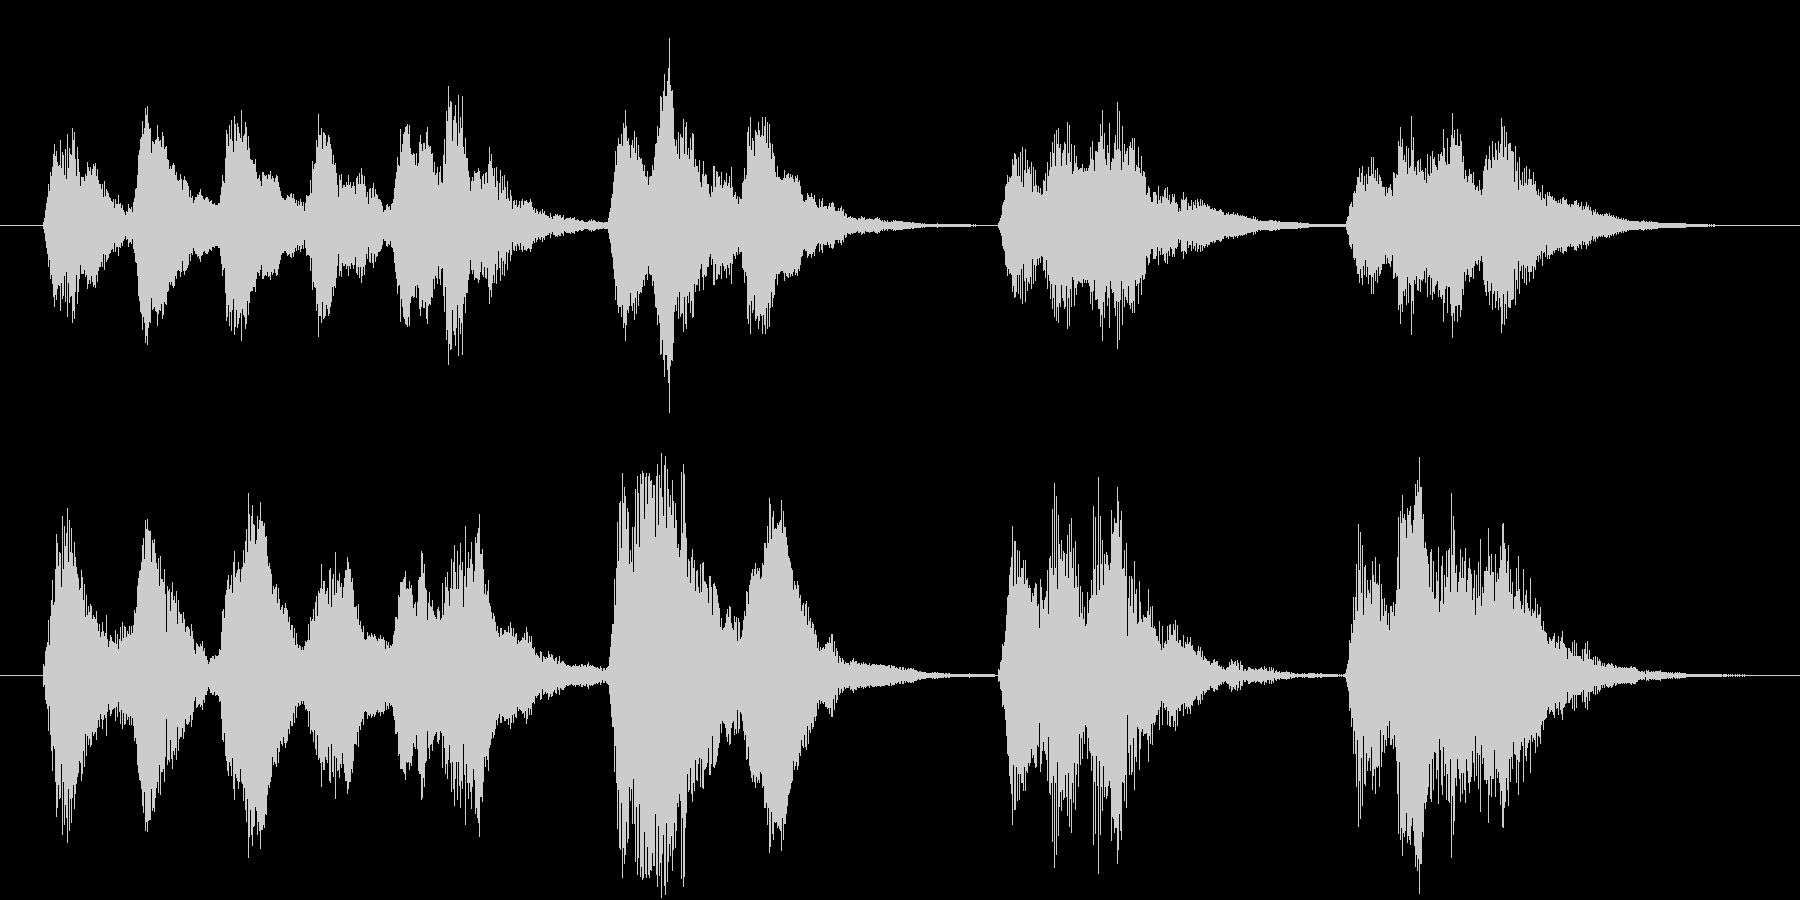 力強い弦楽器のジングル(場面転換)の未再生の波形